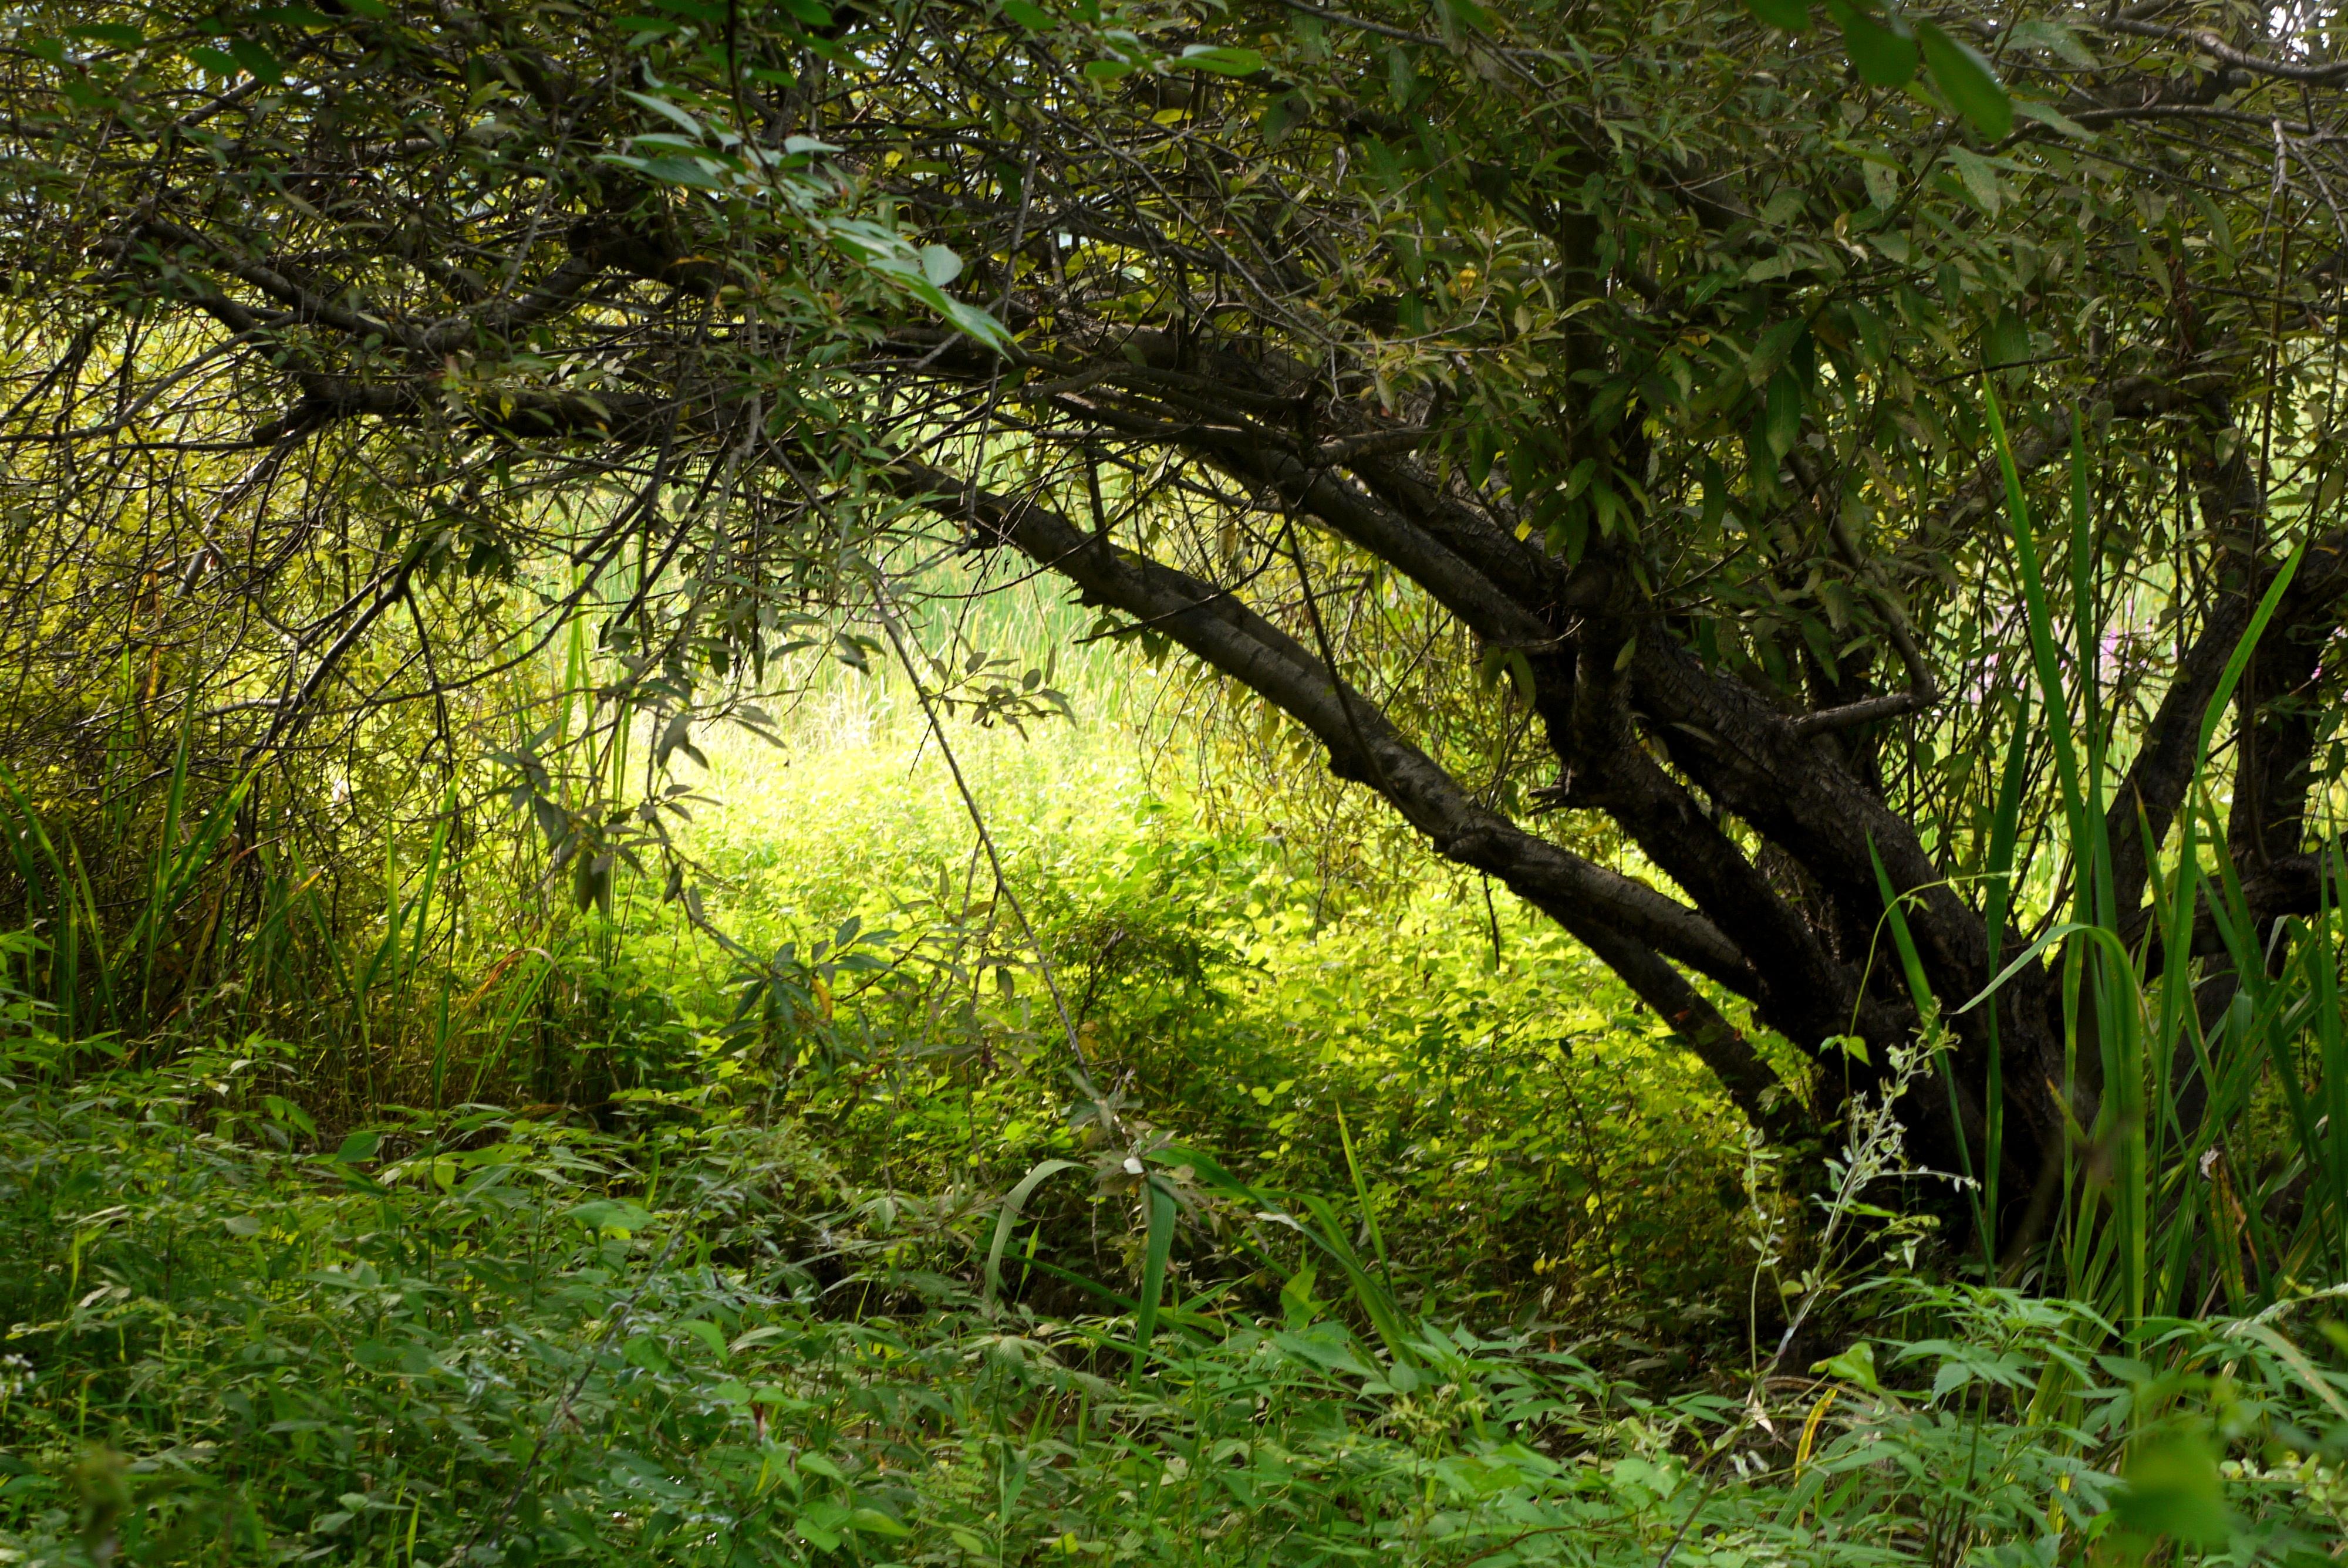 습지 사이에 자란 나무